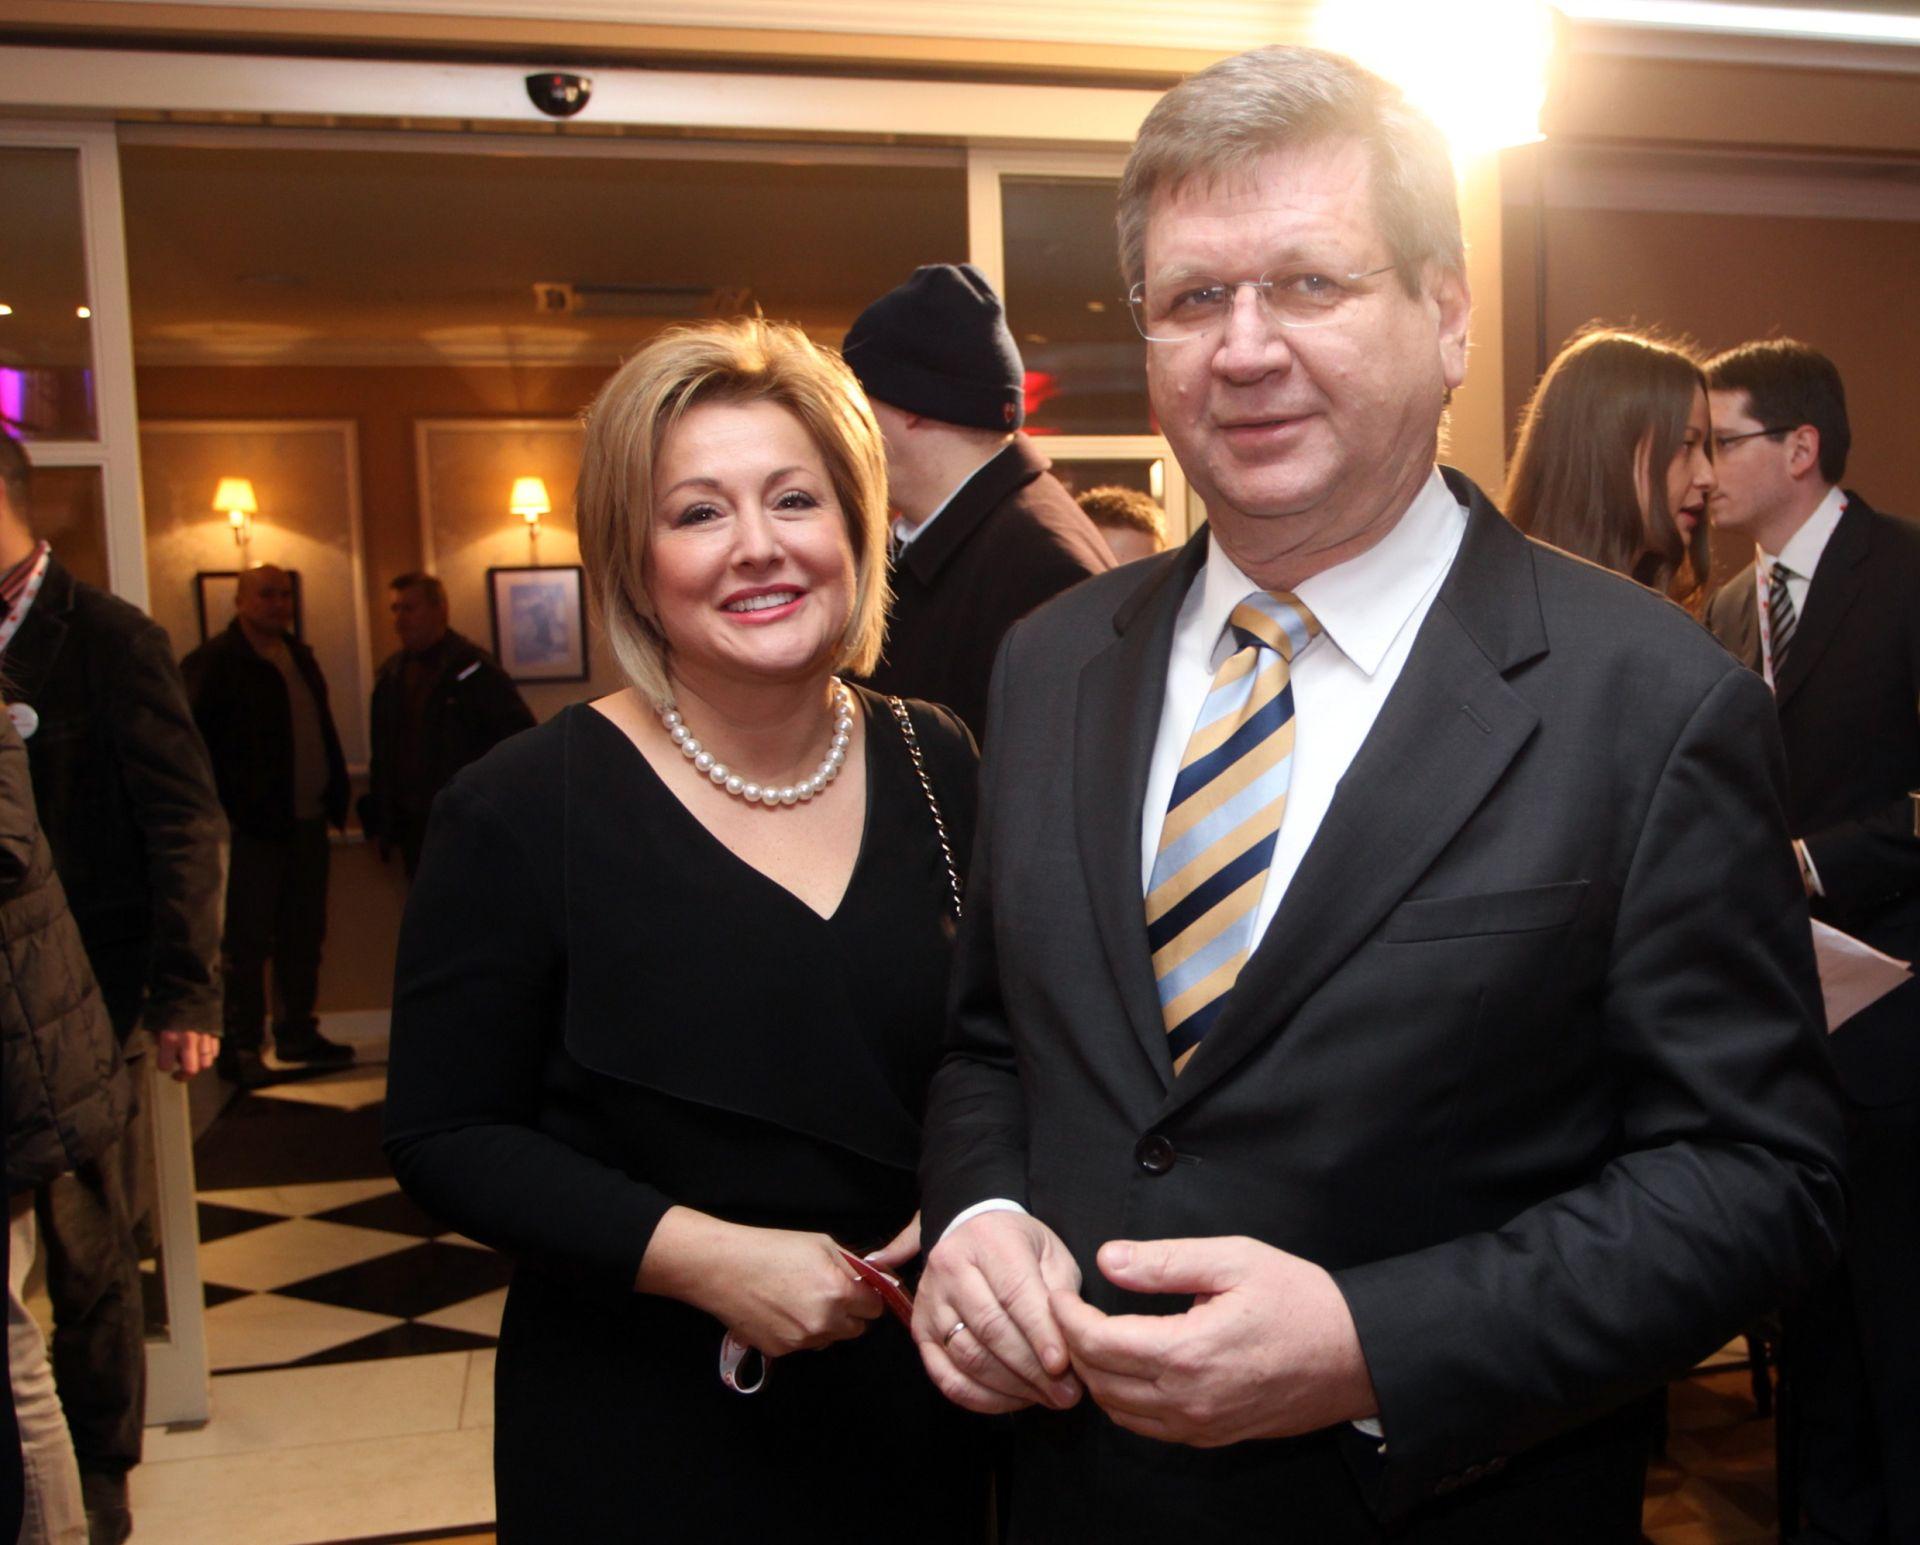 UNATOČ IZVRSNOM POSLOVANJU: Tvrtka Mrsićeve supruge duguje HZZO-u 10,6 milijuna kuna